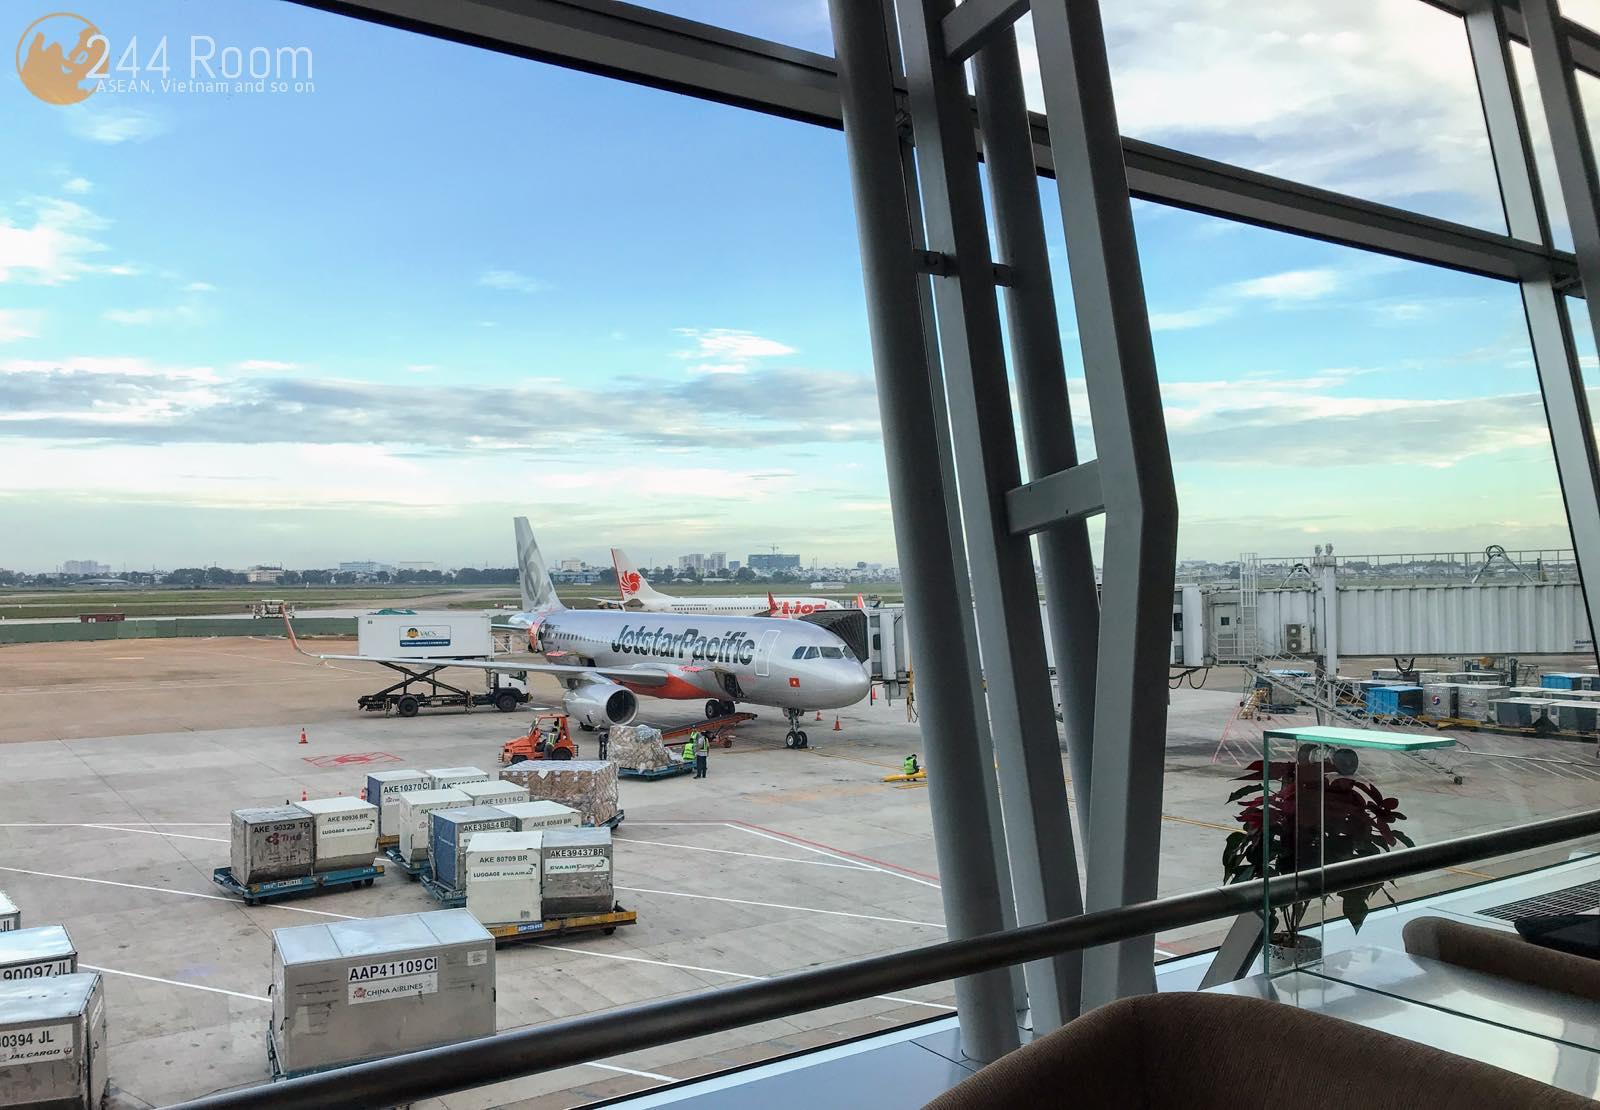 Tansonnhat Orchid Lounge タンソンニャット国際空港オーキッドラウンジ